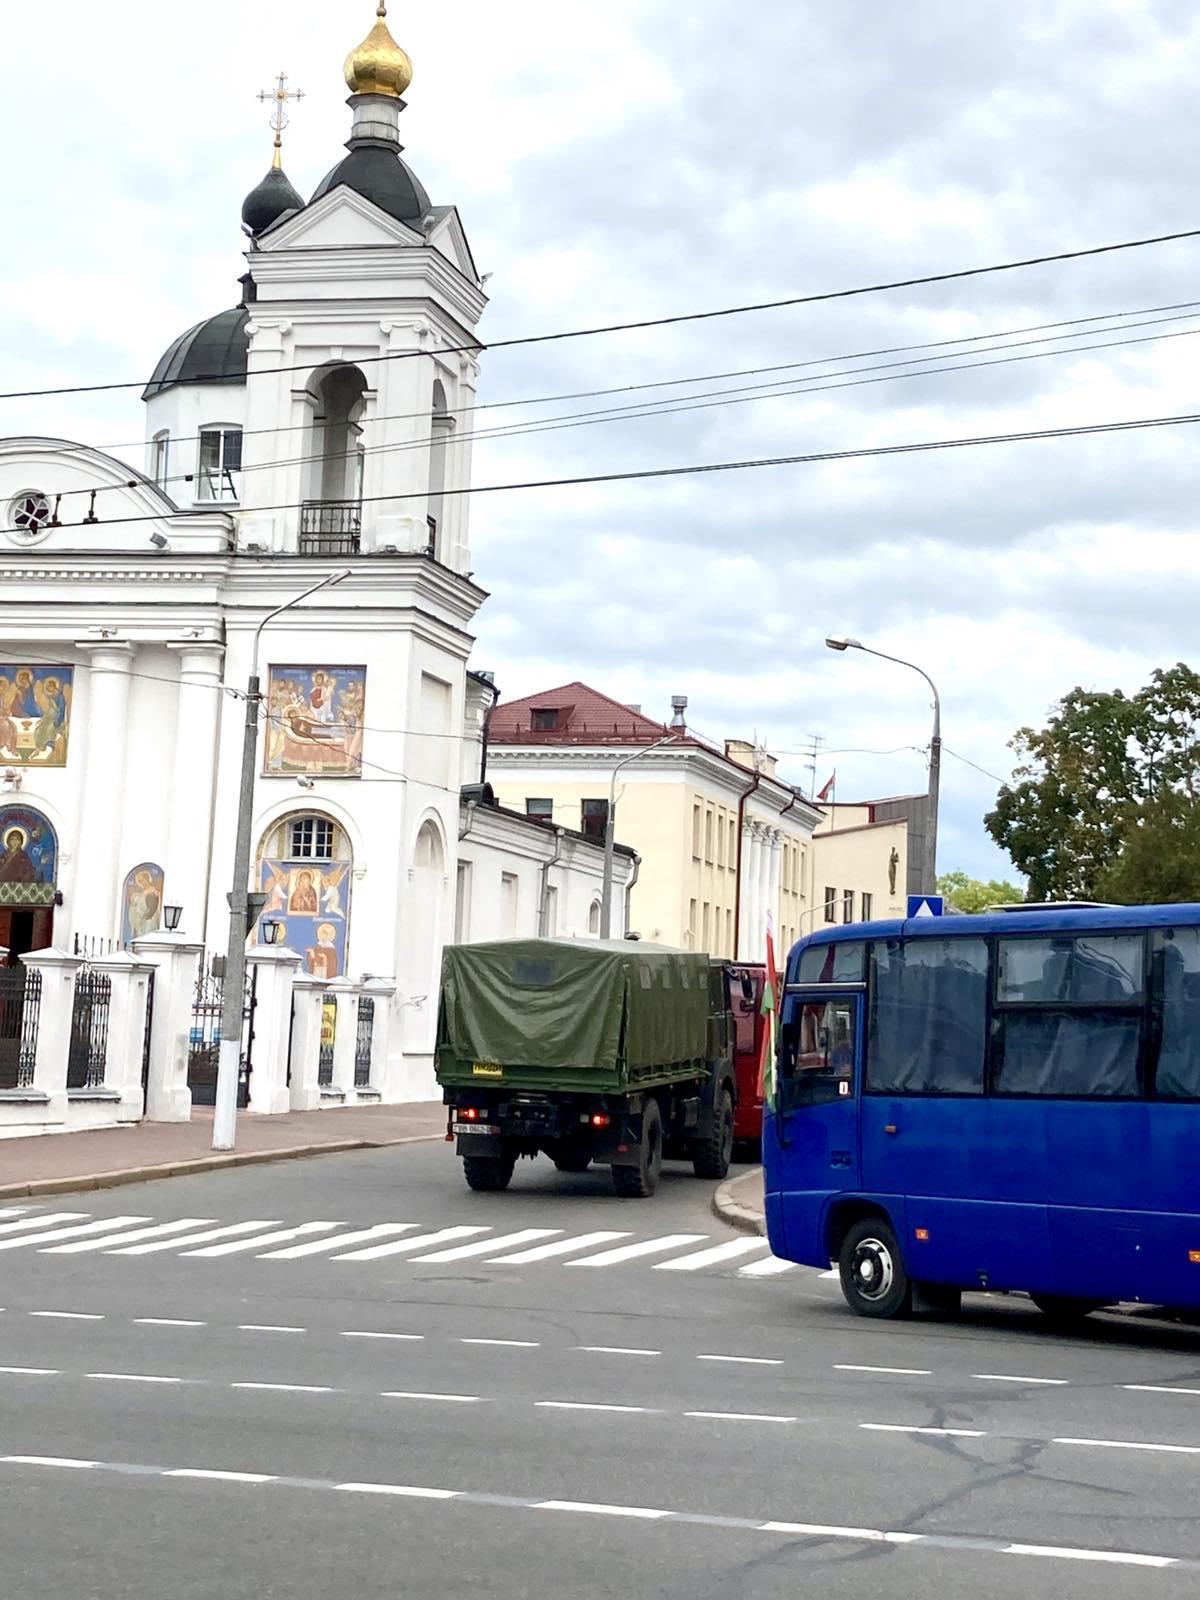 Мирный протест в Витебске пытались «оседлать» «тихари», чтобы загнать людей в ловушку и совершить «хапун»